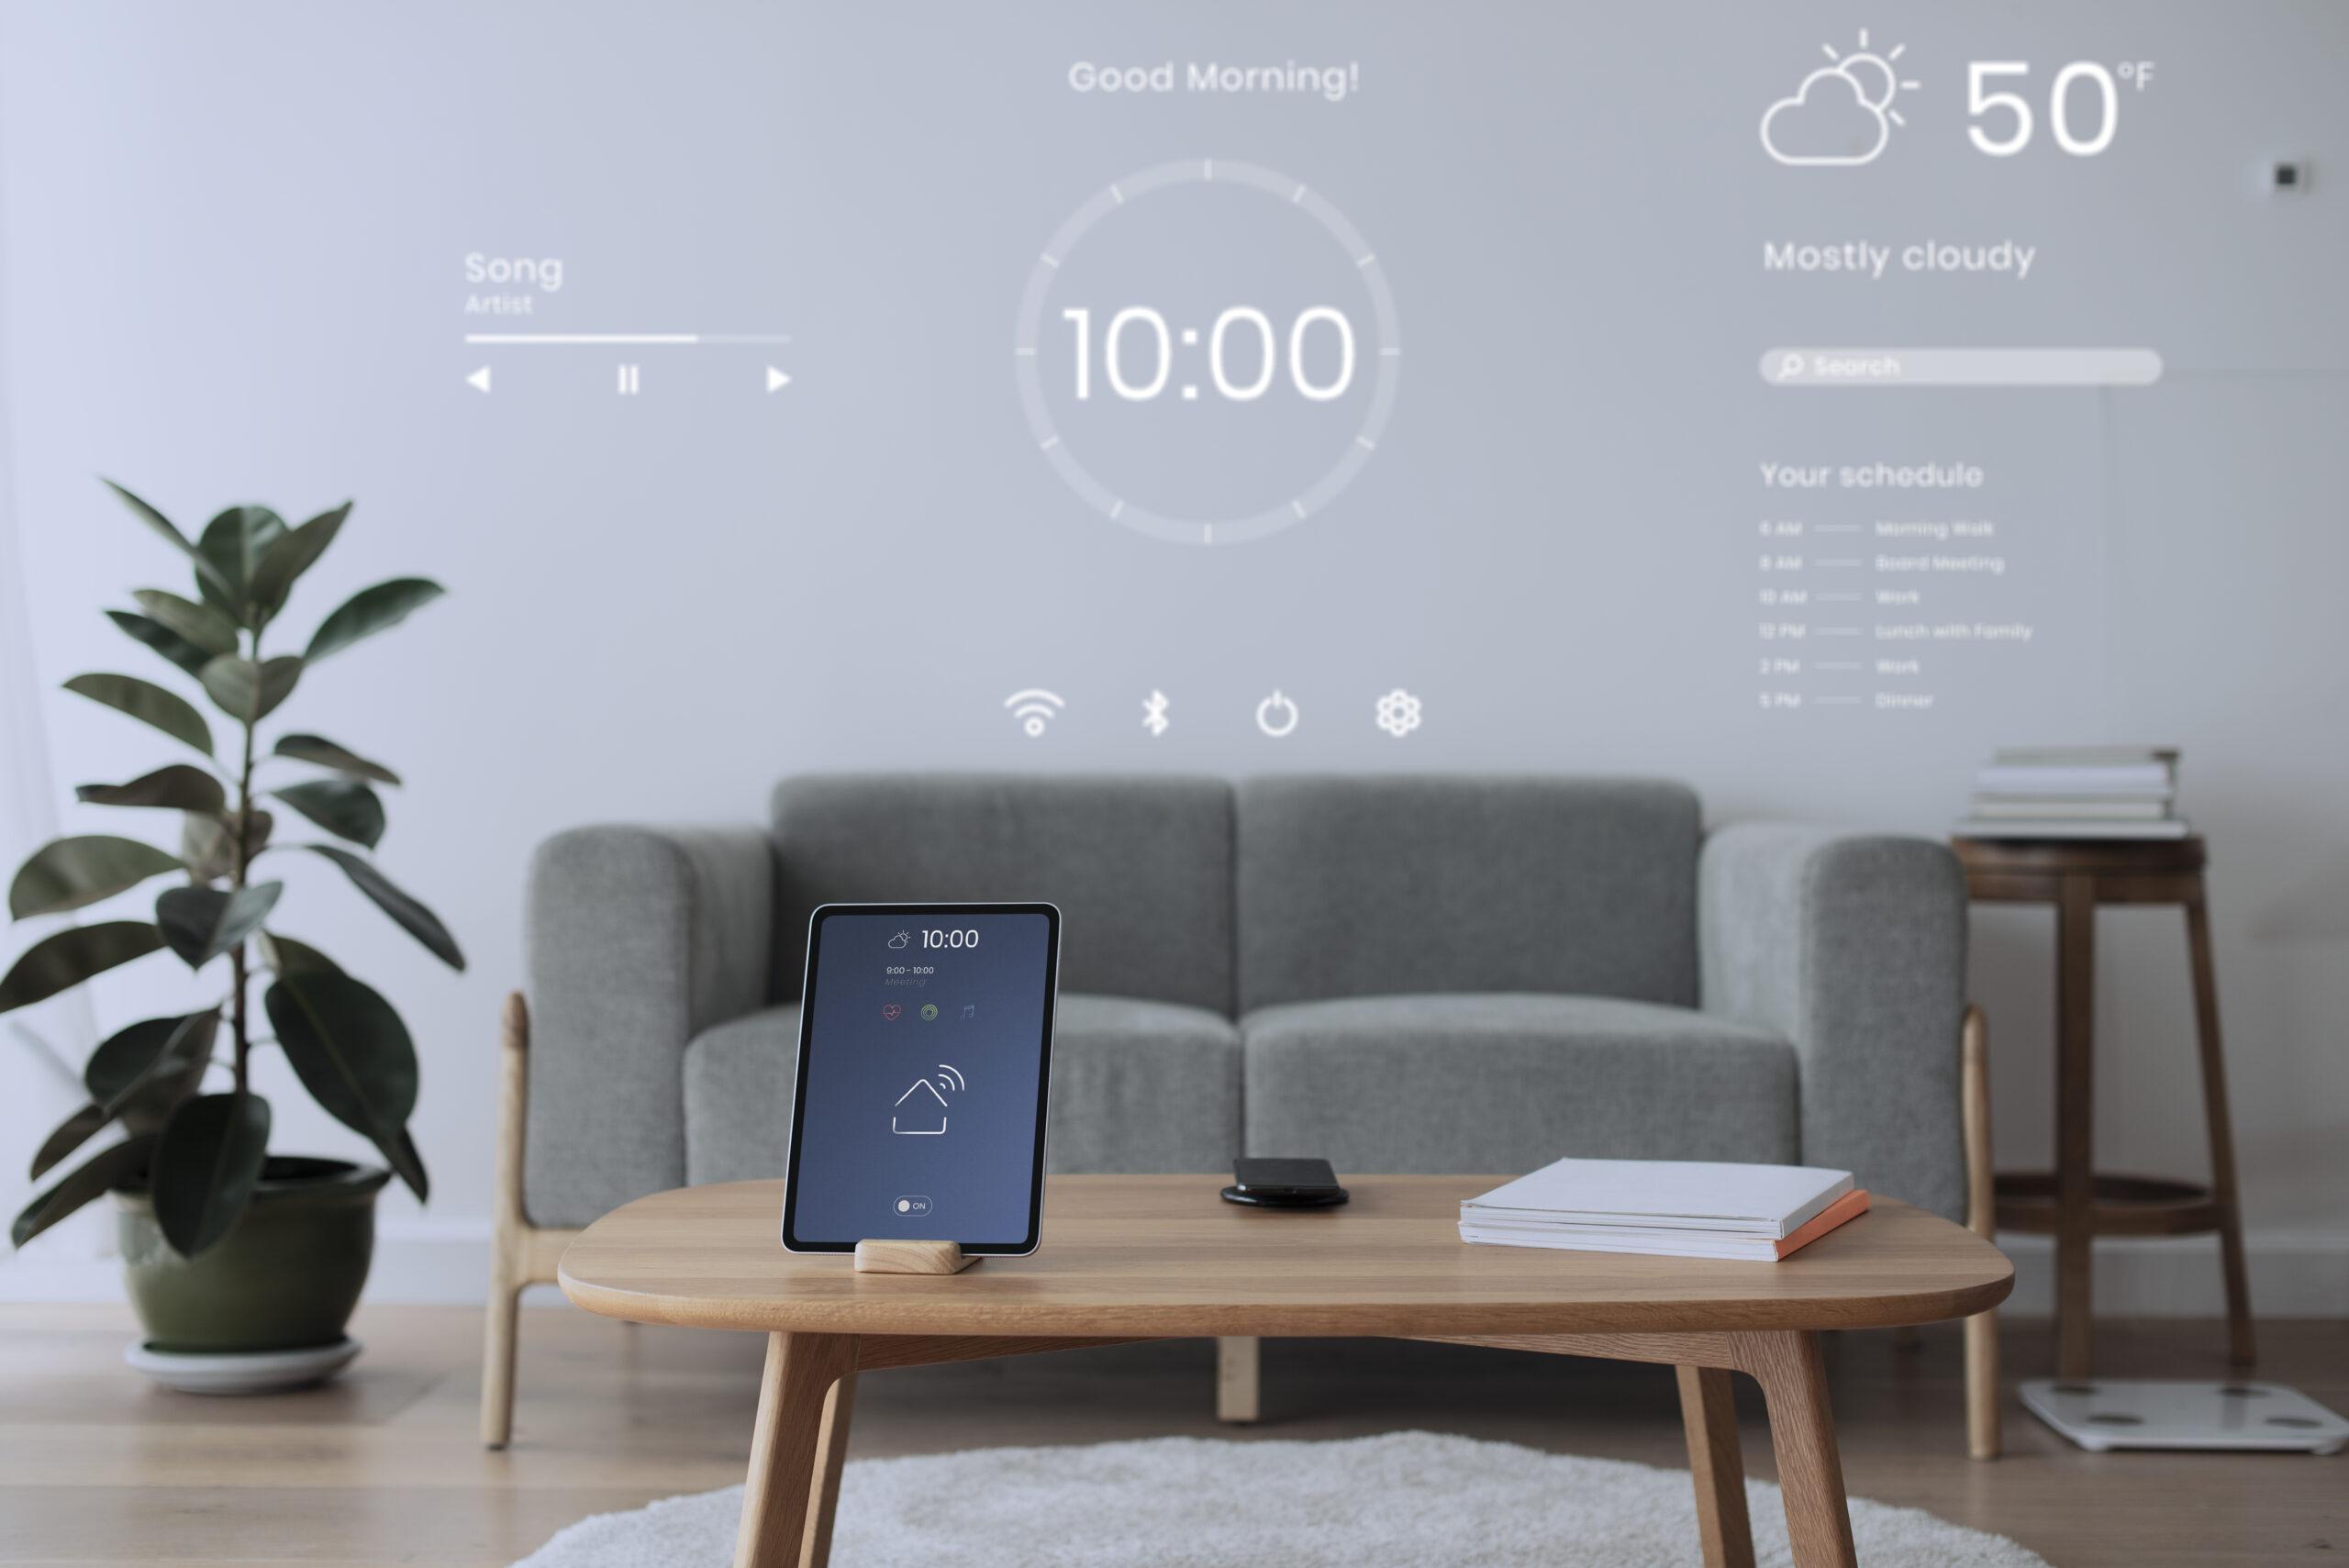 Sala de estar o salón con una tablet y aplicaciones domóticas Smart Home